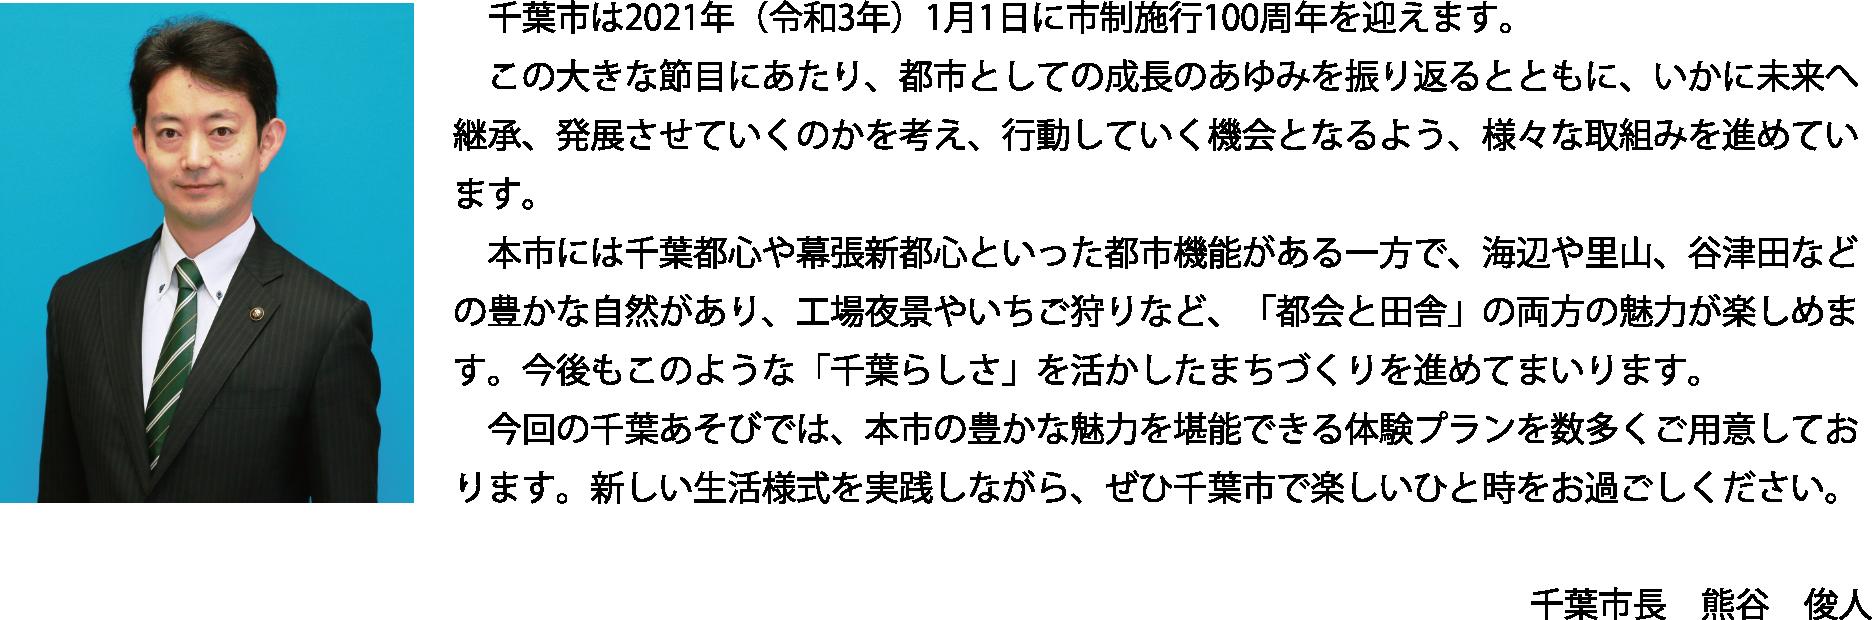 千葉市政100周年02